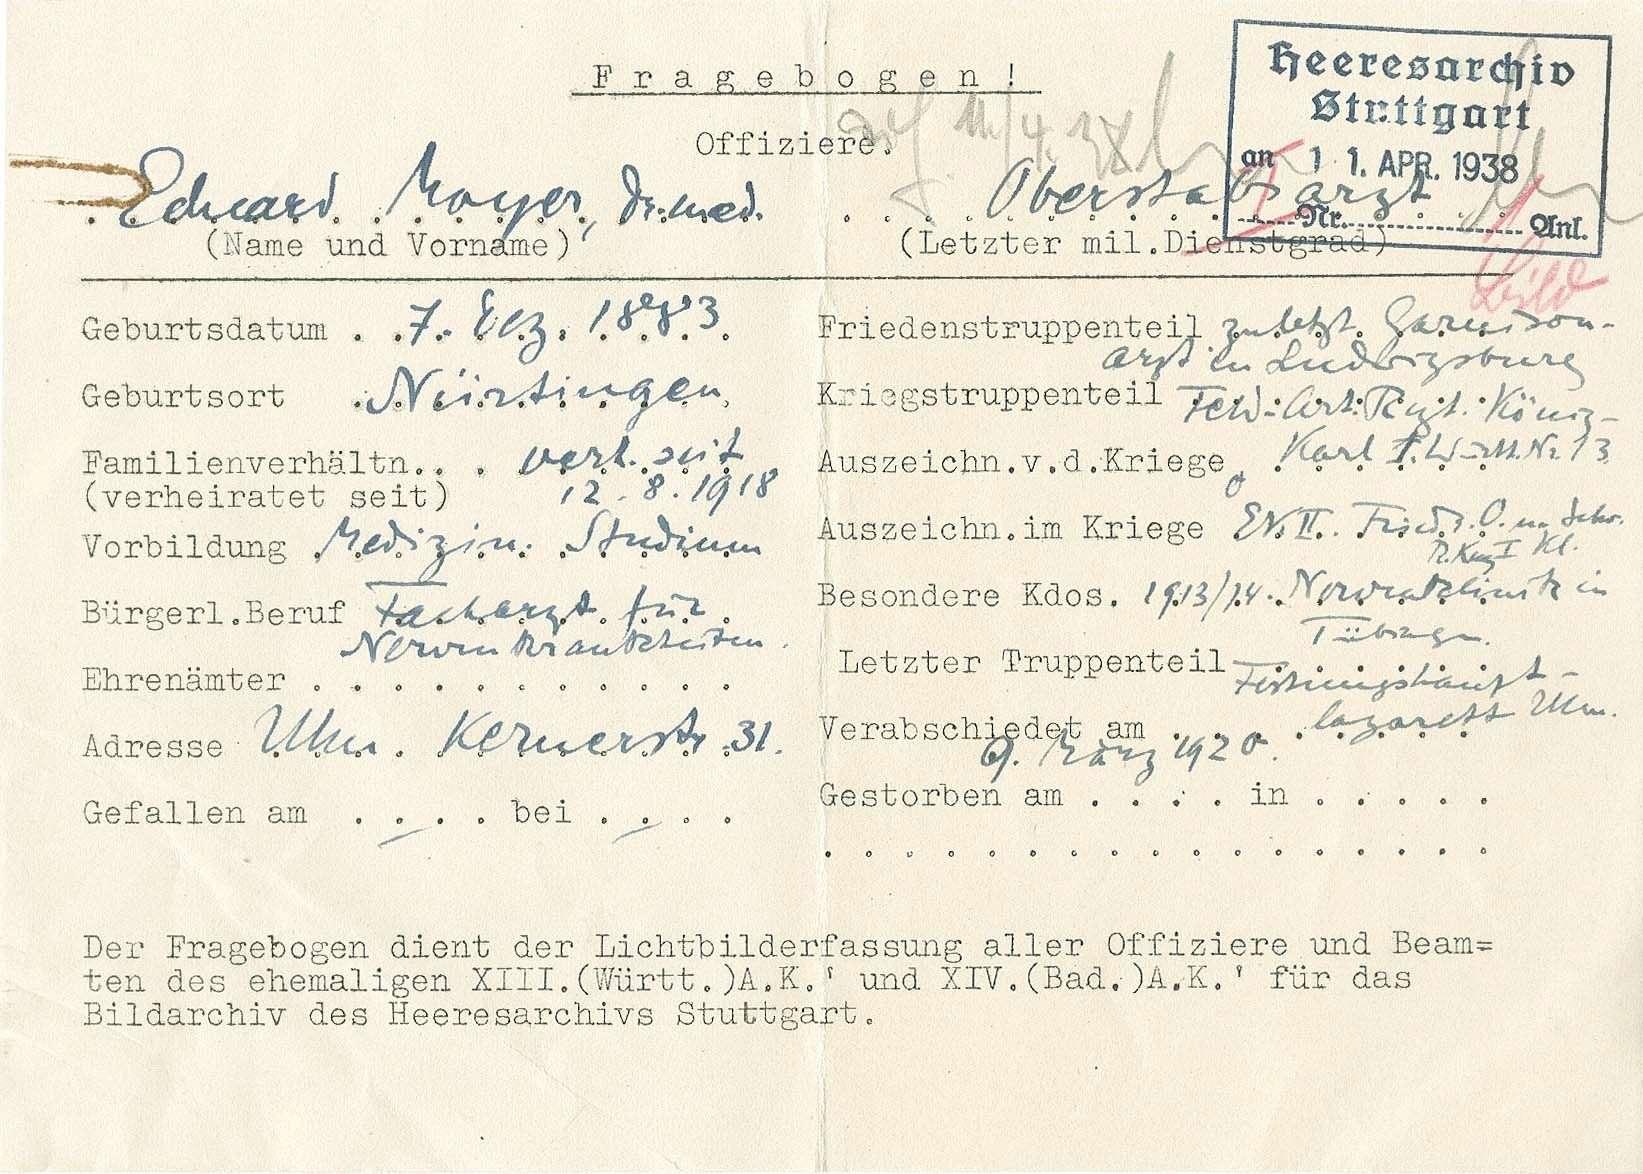 Mayer, Eduard, Dr.med., Bild 3